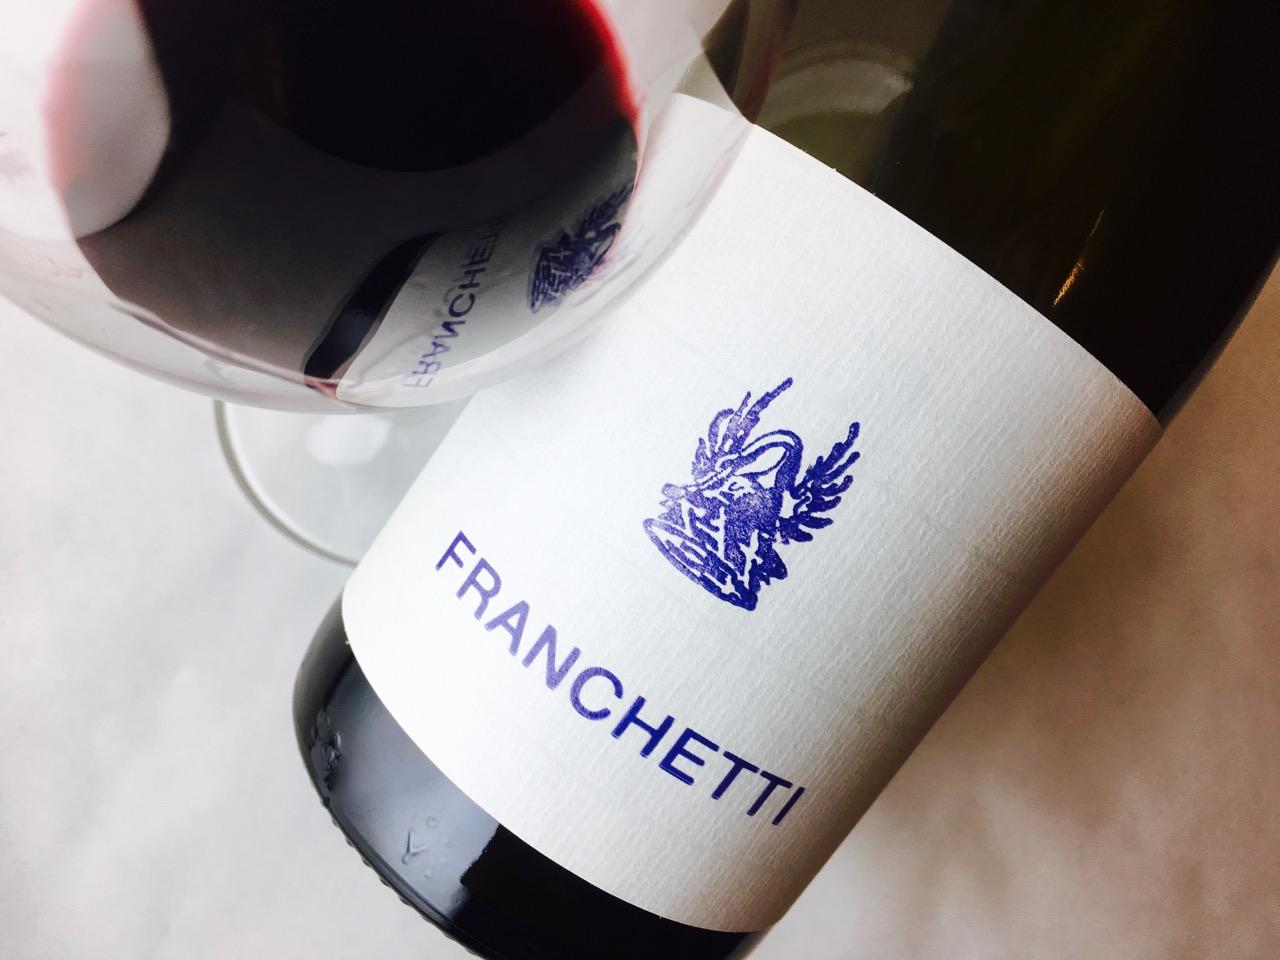 2014 Passopisciaro Franchetti Terre Siciliane IGP